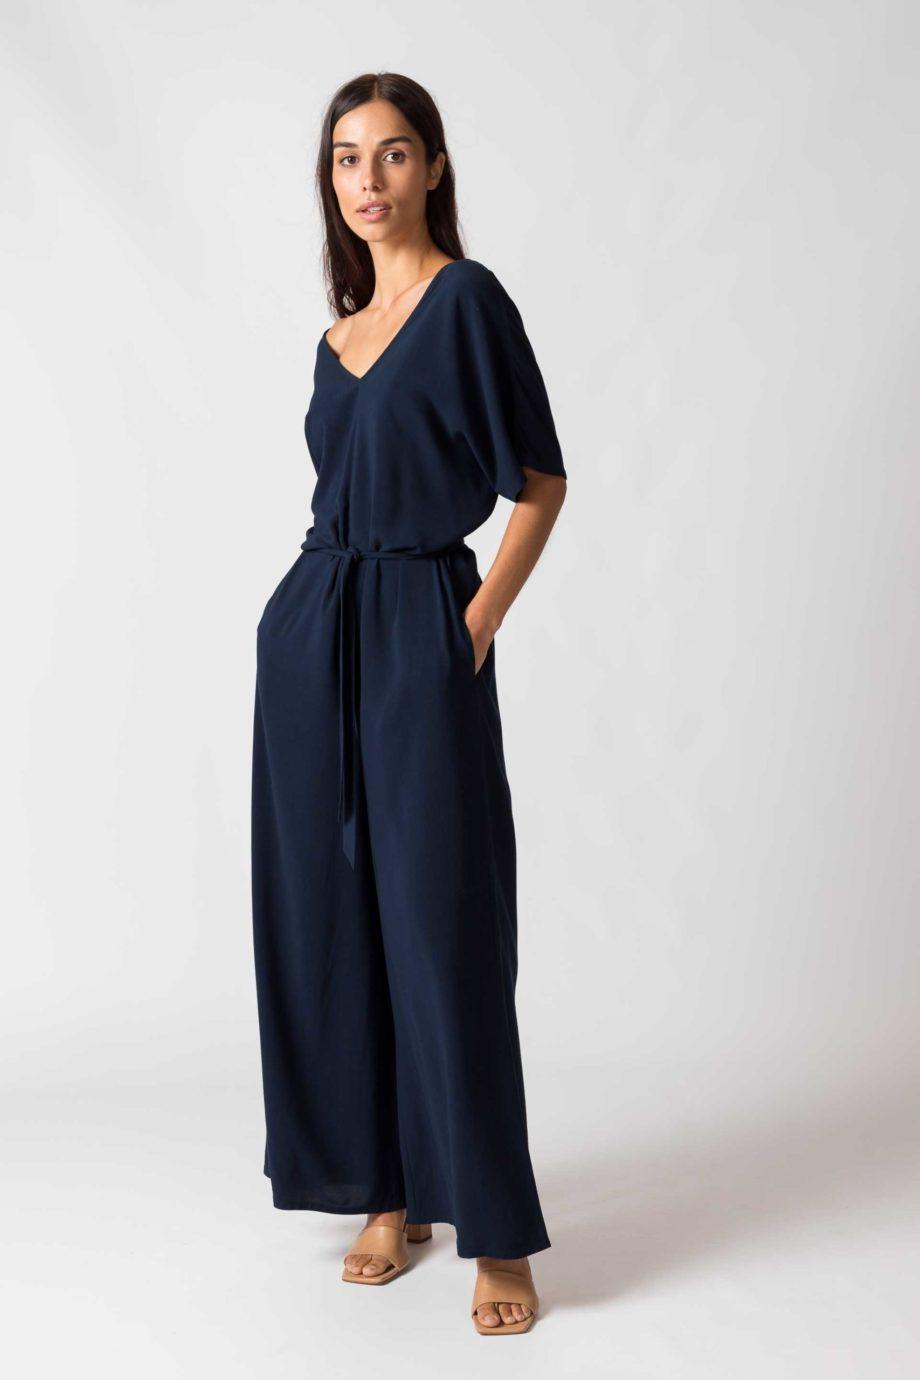 Frau trägt dunkelblauen Jumpsuit von SKFK (KARITATE) aus recycelter Viskose mit kurzen Ärmeln, V-Ausschnitt vorn und hinten und seitlichen Eingriffstaschen. Nobel und bequem - der weite Schnitt mit abnehmbarem Bindegürtel. / Seitenansicht / Color B8 / pussyGALORE / Leipzig